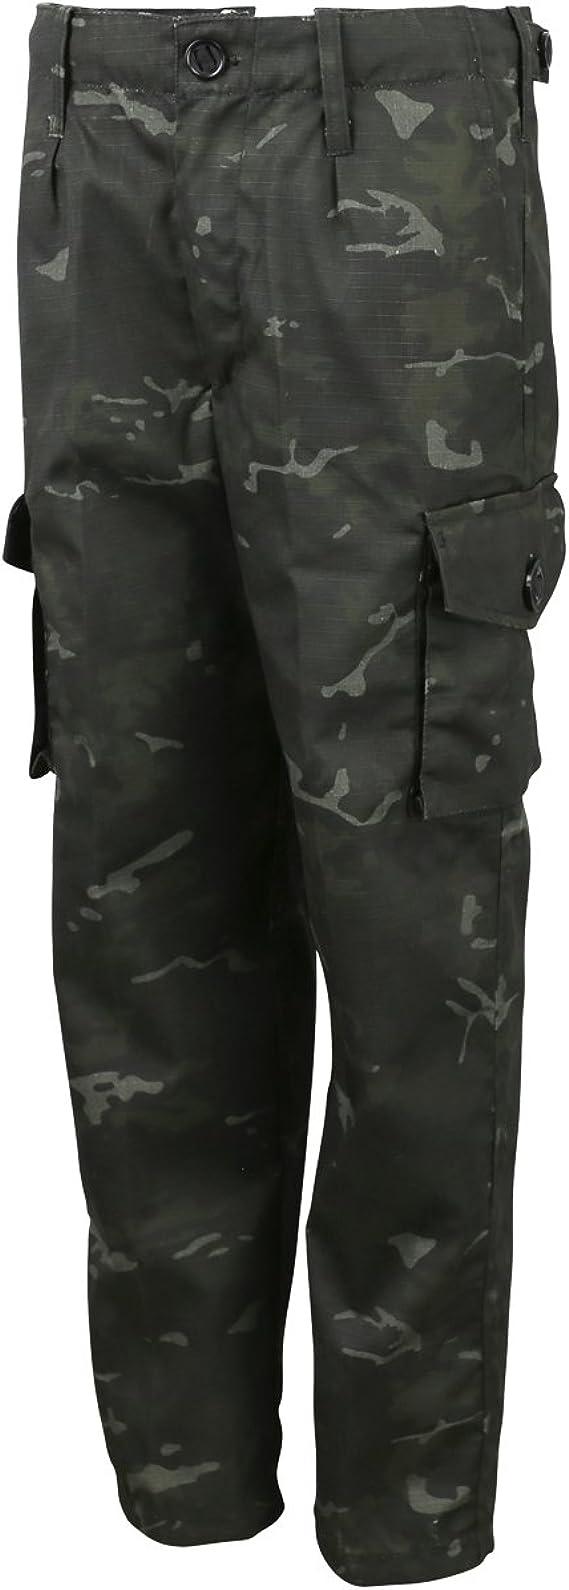 Kombat UK Combat Pantaloni Bambino